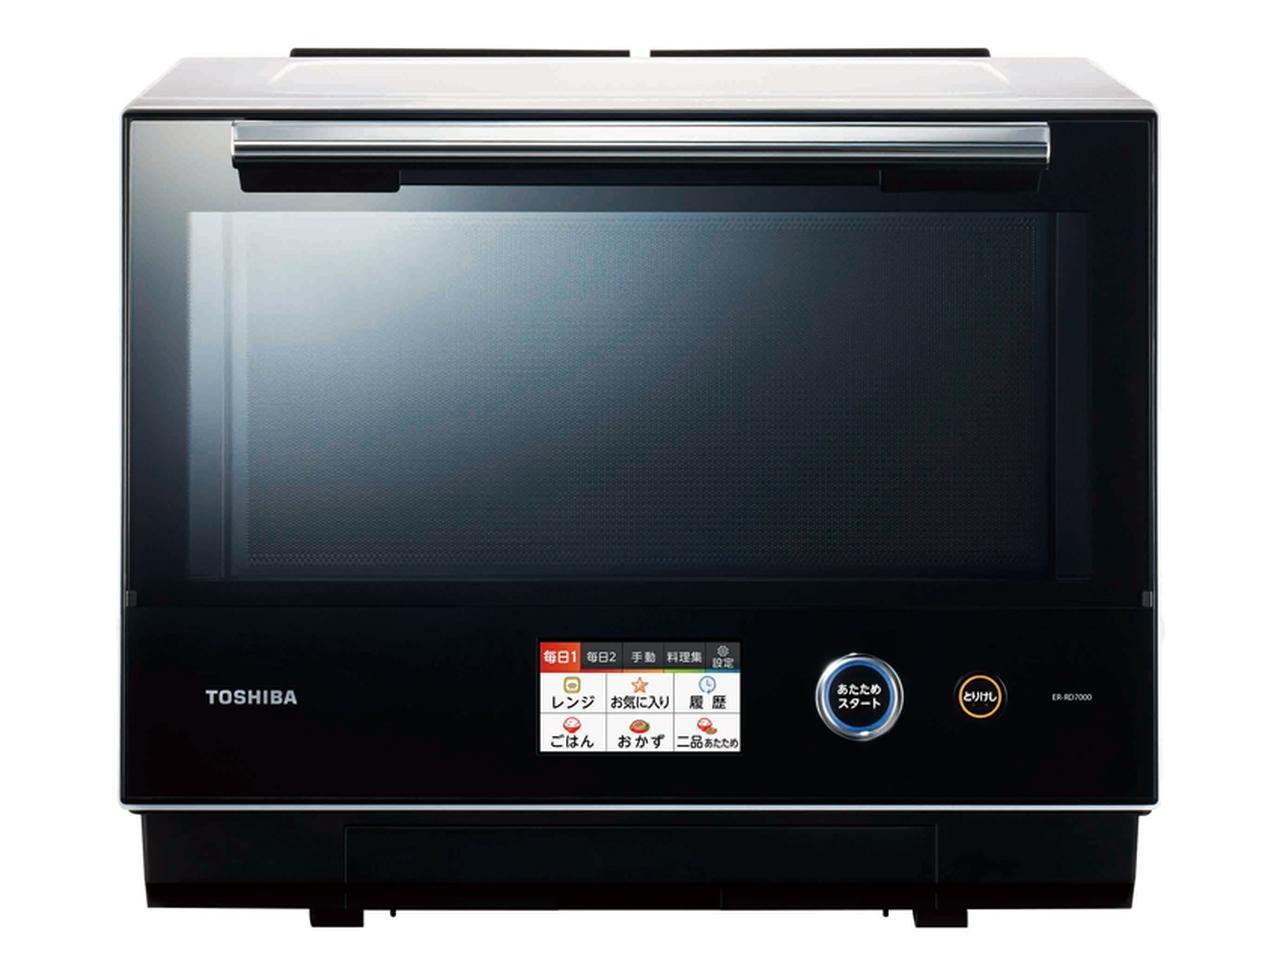 画像: 業界最高の350℃オーブンを実現。設置性のよさも魅力